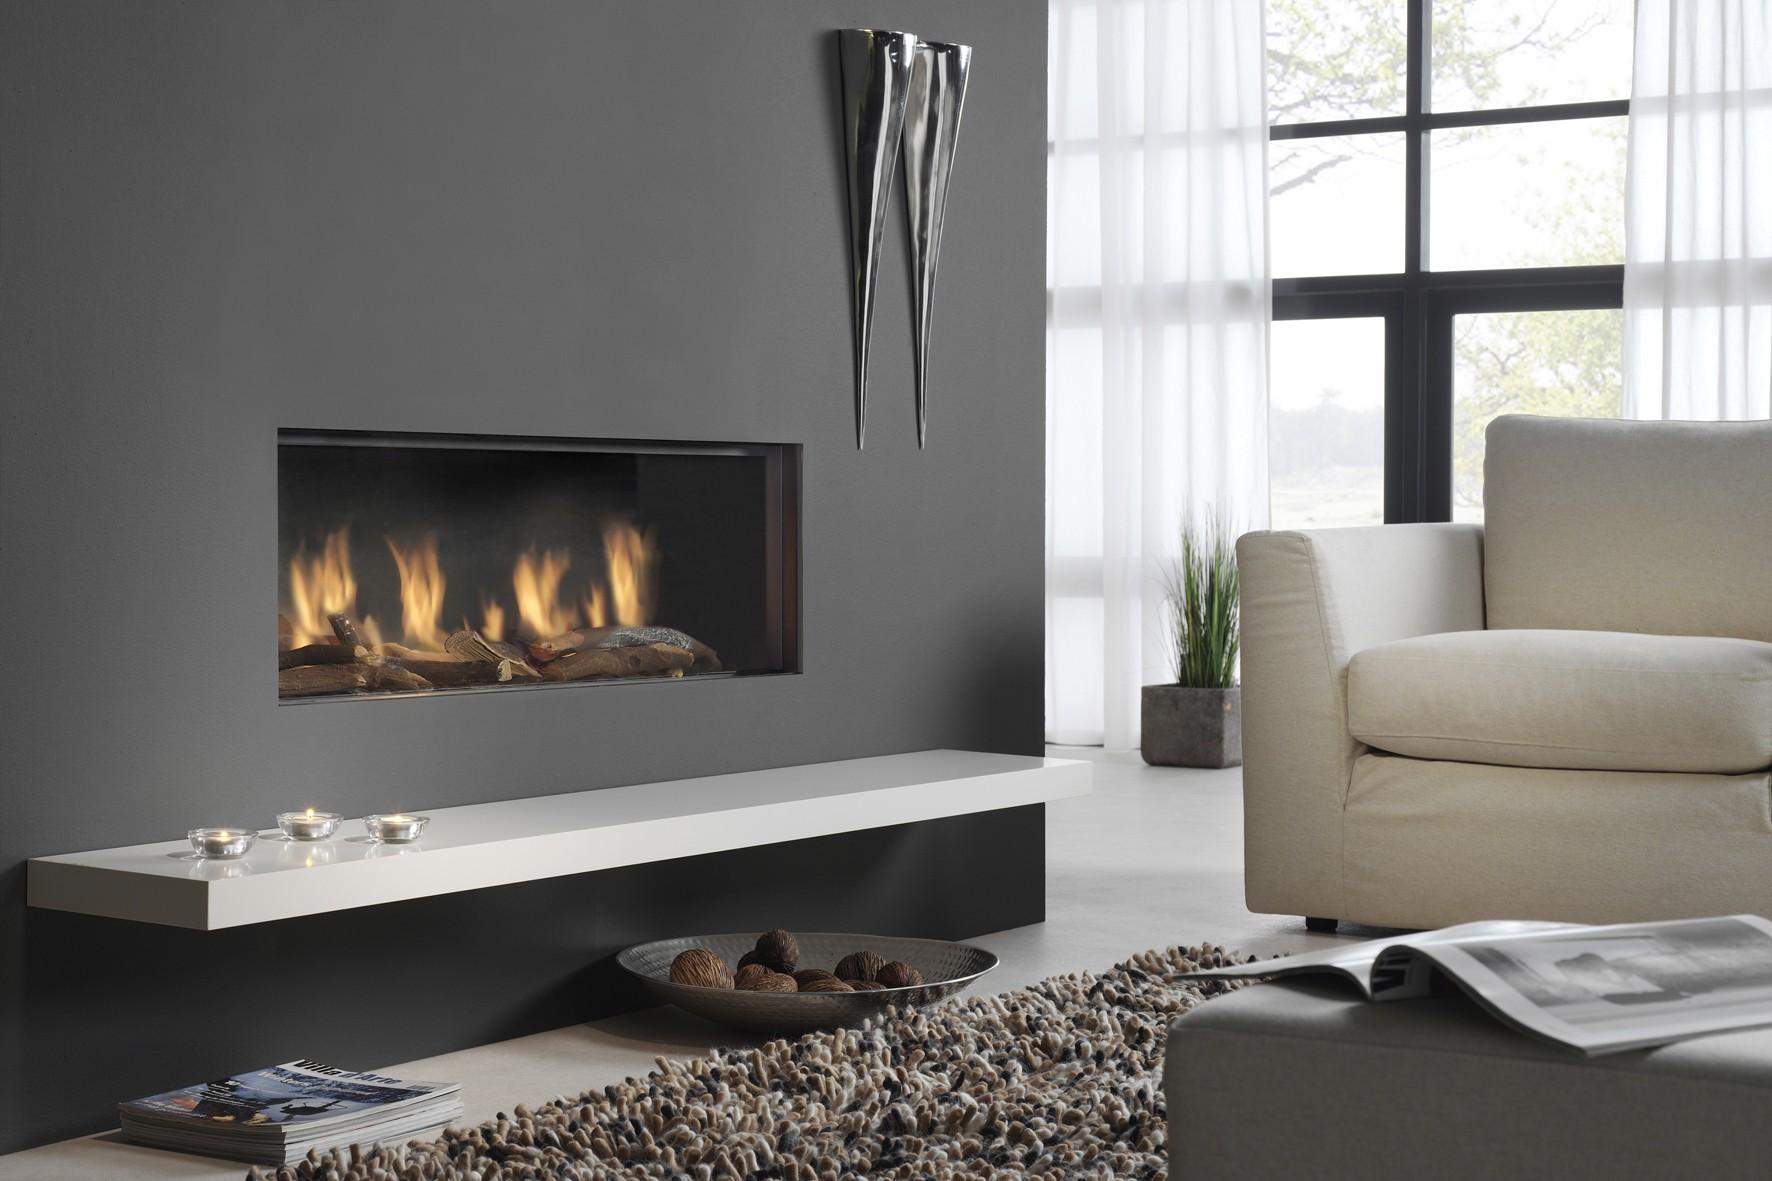 В интерьере гостиной в стиле минимализм прекрасным будет сочетание черно-белой гаммы вместе с множеством спокойного, рассеянного света.